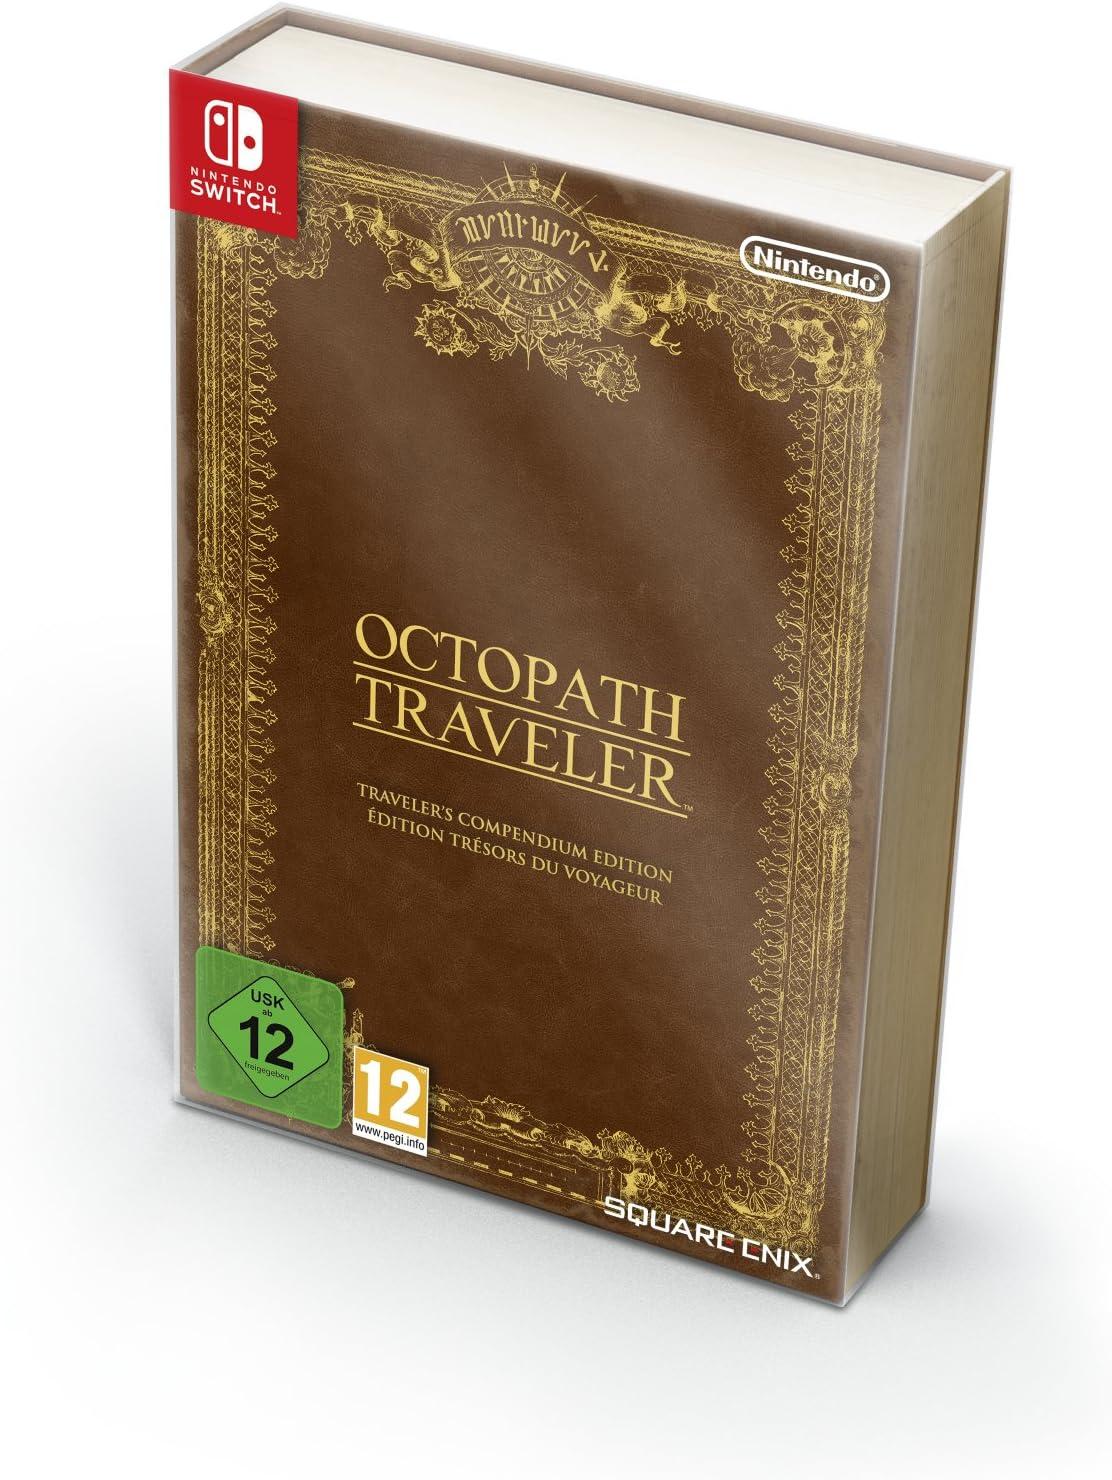 Octopath Traveler - Edición Traveler's Compendium